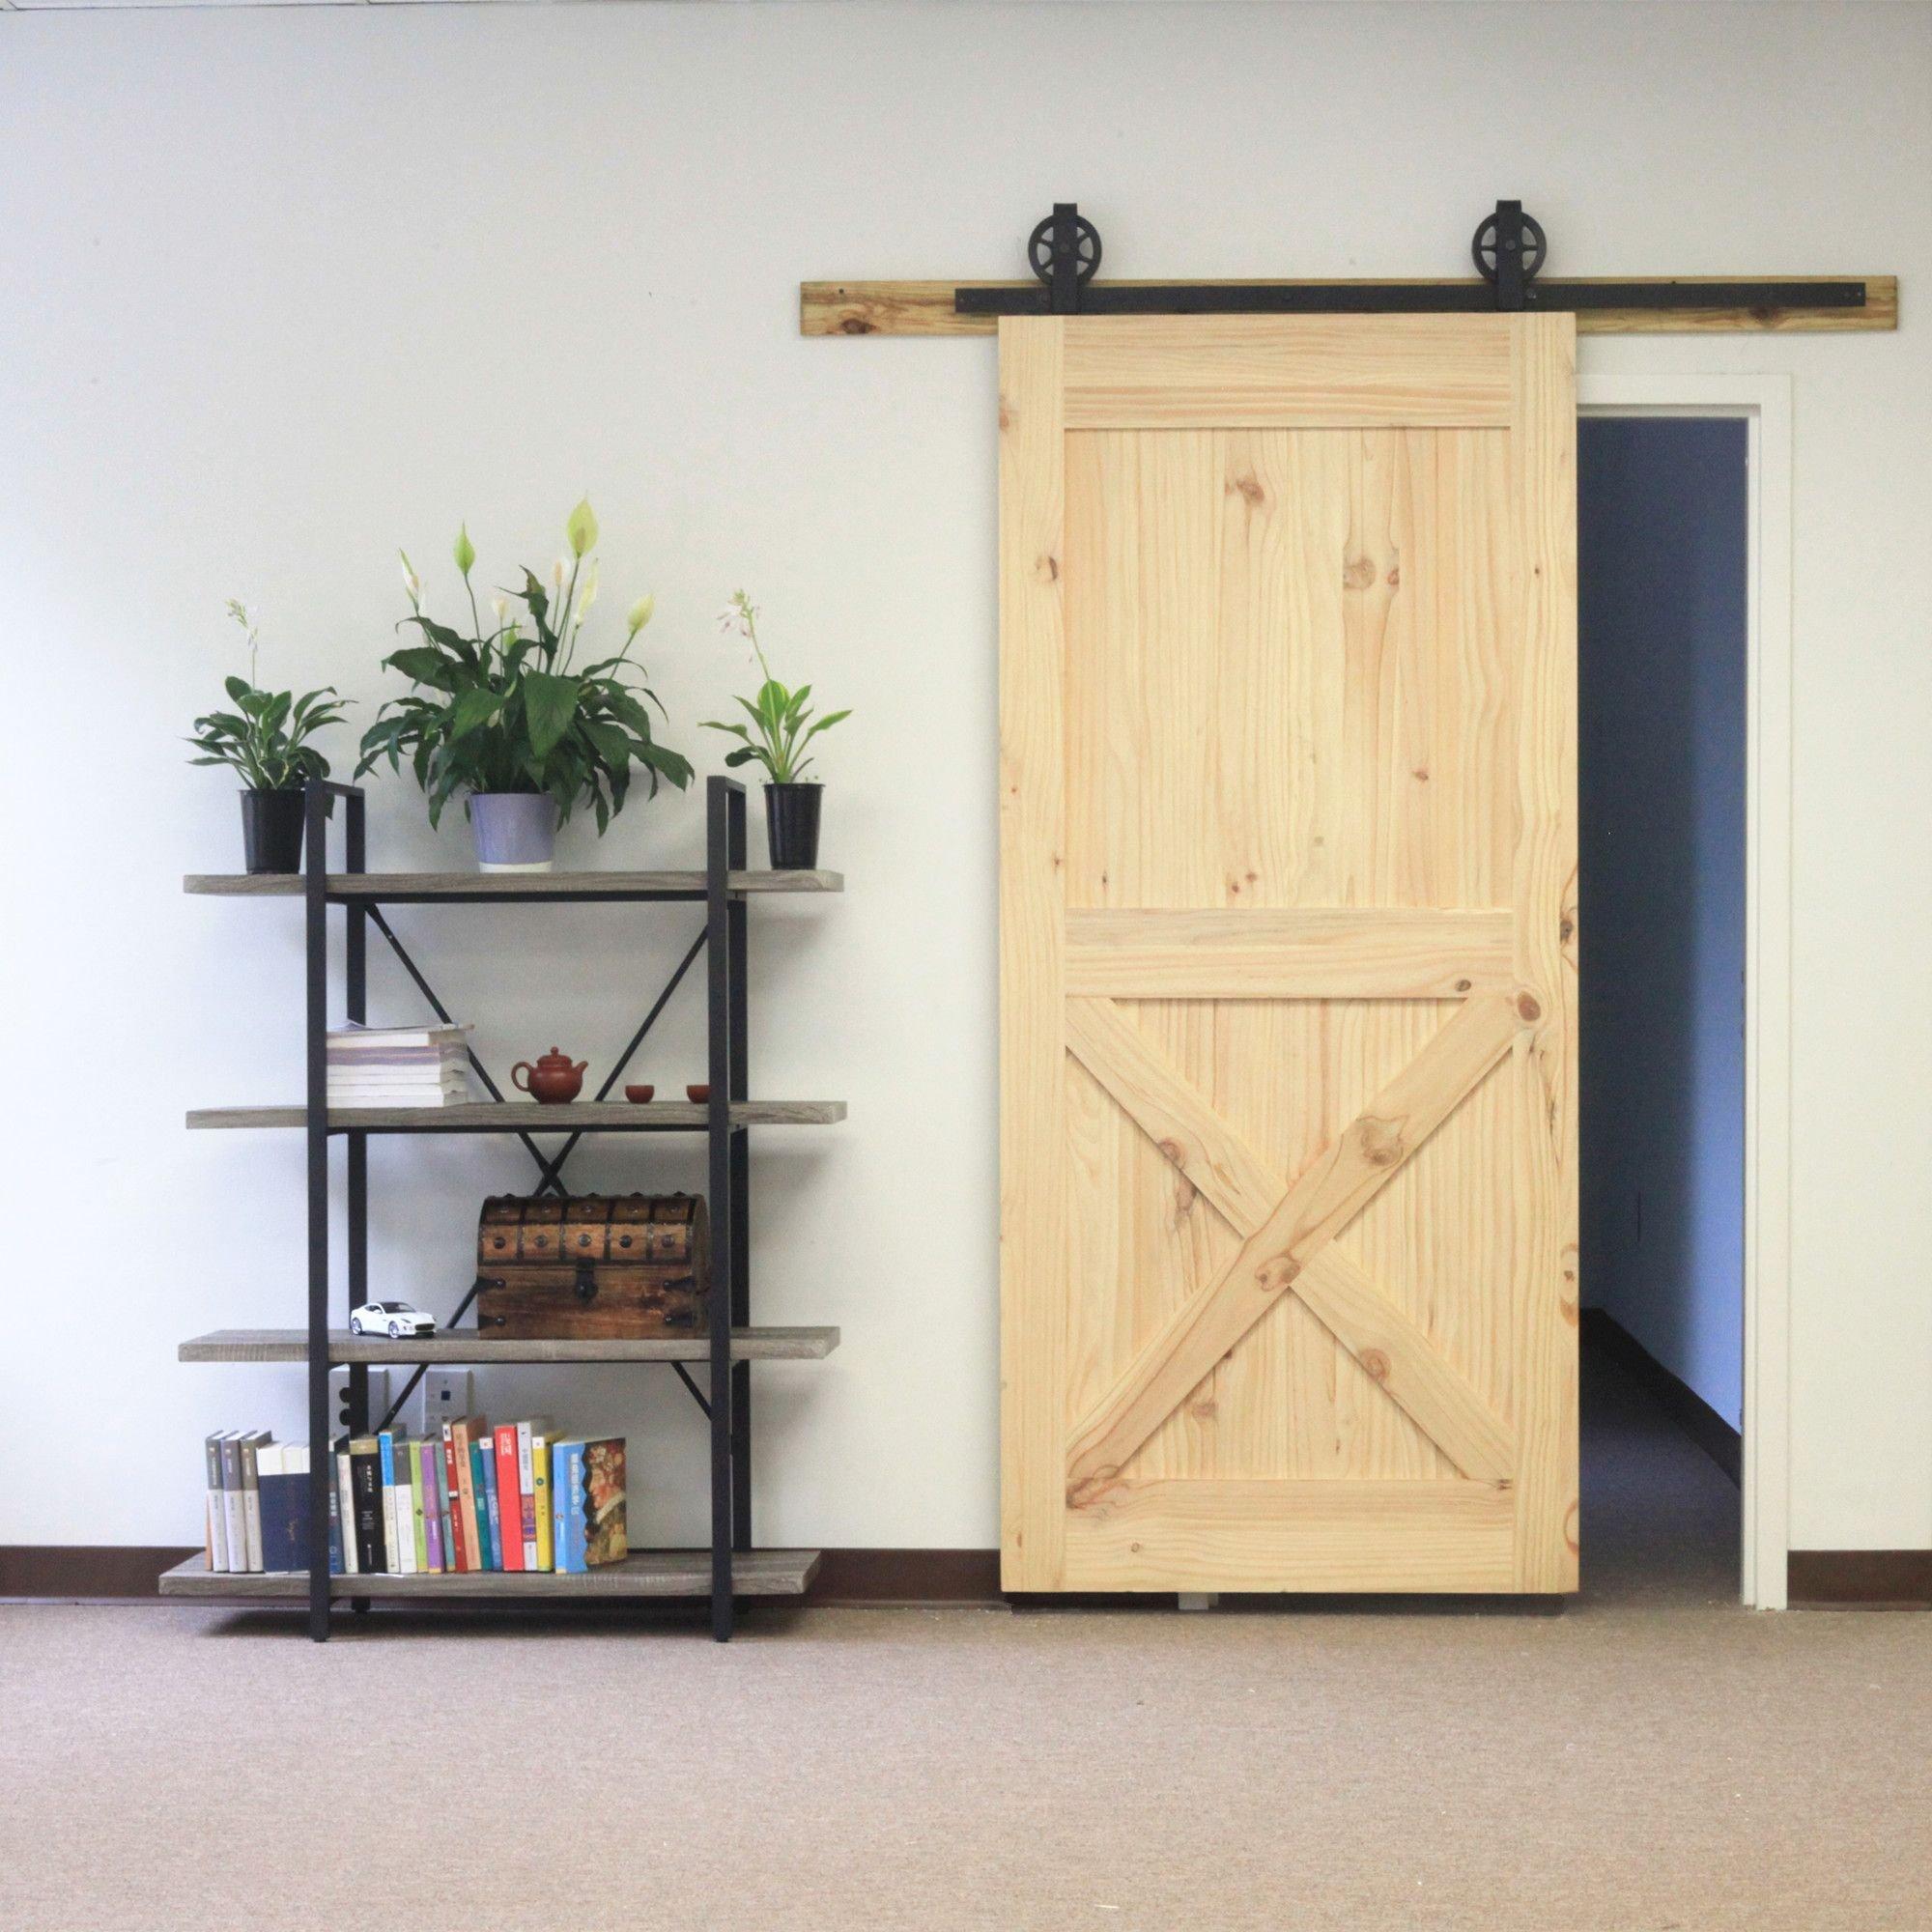 homacer sola puerta corrediza de granero Hardware Kit, 5 – 20 FT Track, diseño recto, color negro rústico con fuerza Industrial con perchas, perfecto para garaje, armario, interior y exterior puerta uso: